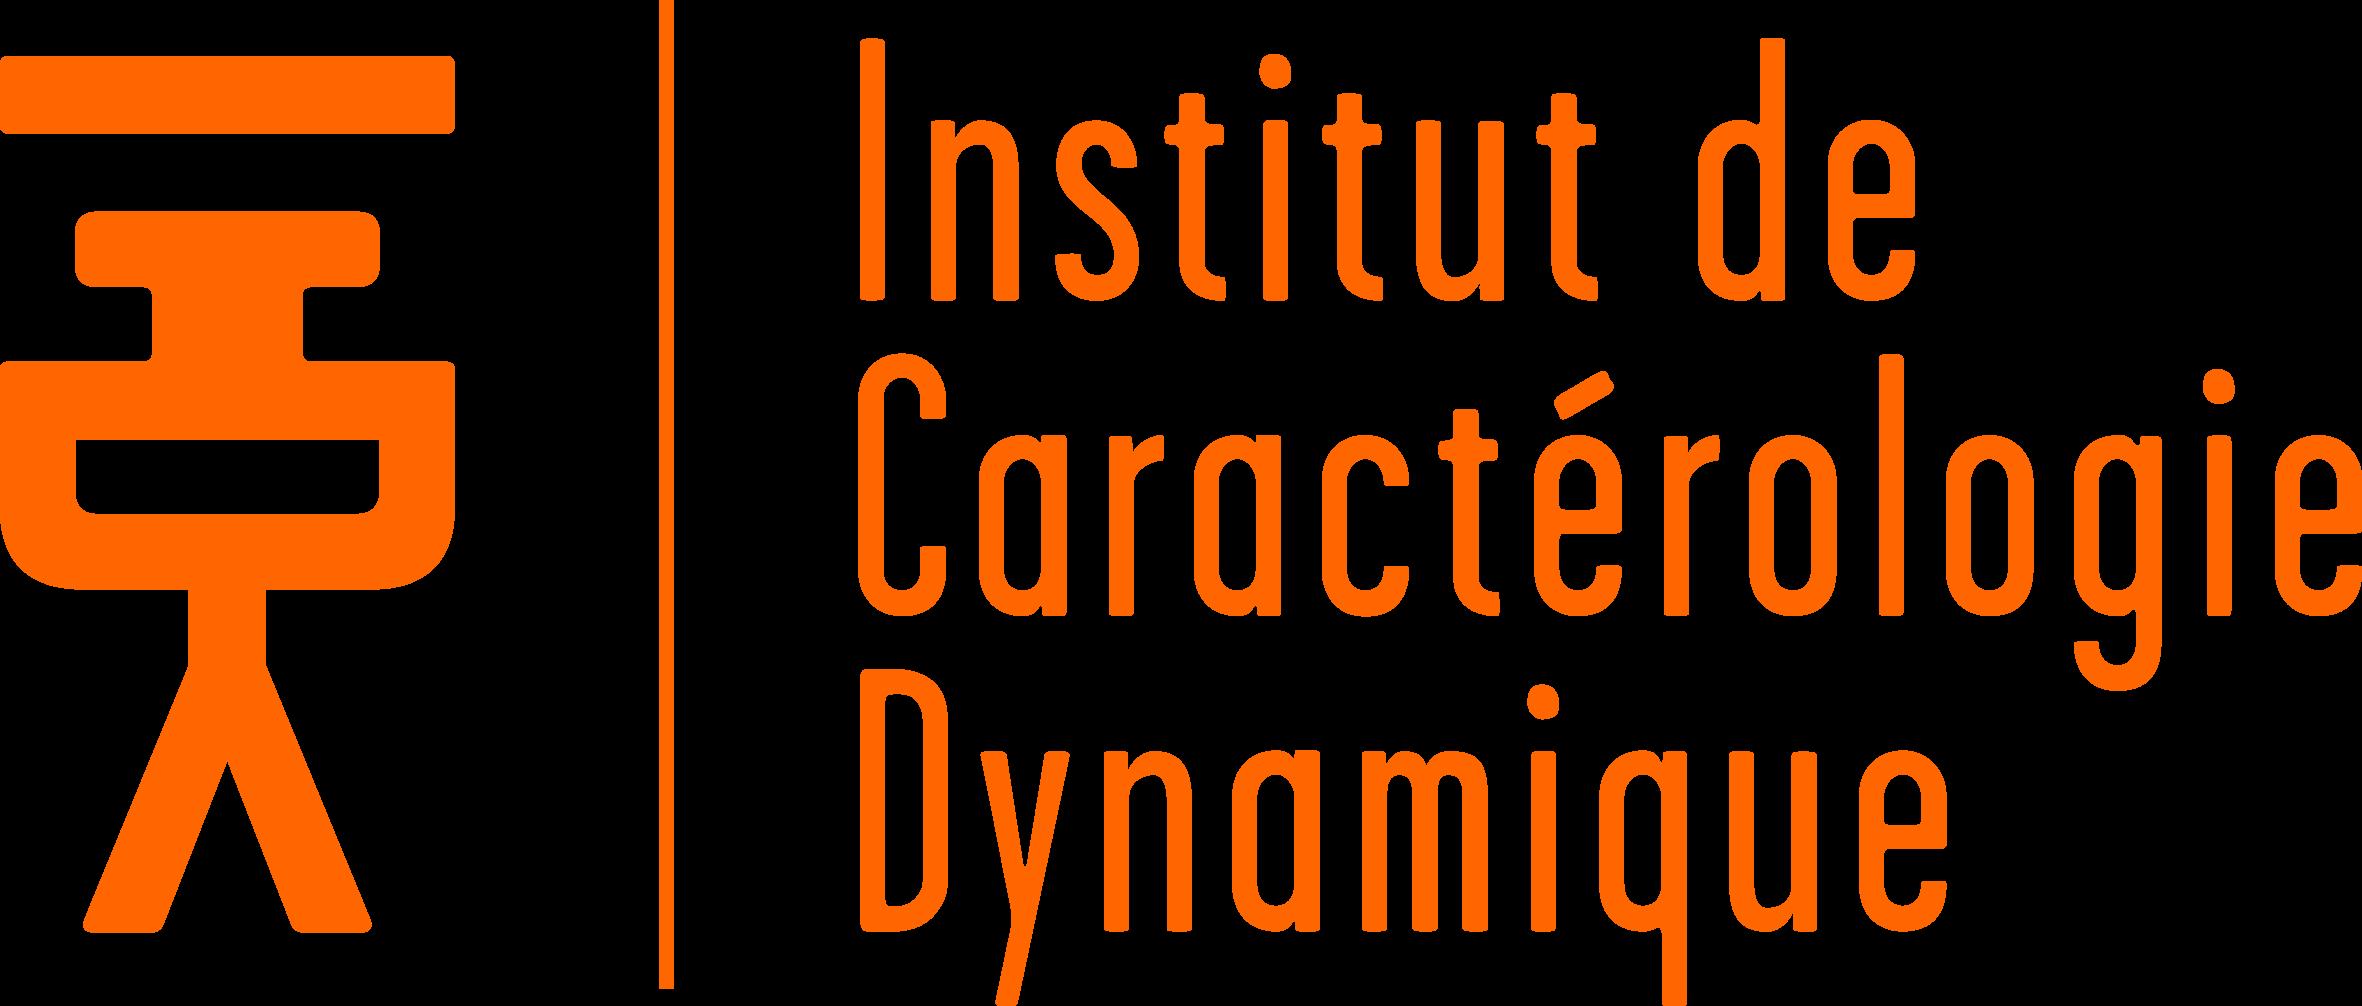 INSTITUT DE CARACTEROLOGIE DYNAMIQUE – ICADY